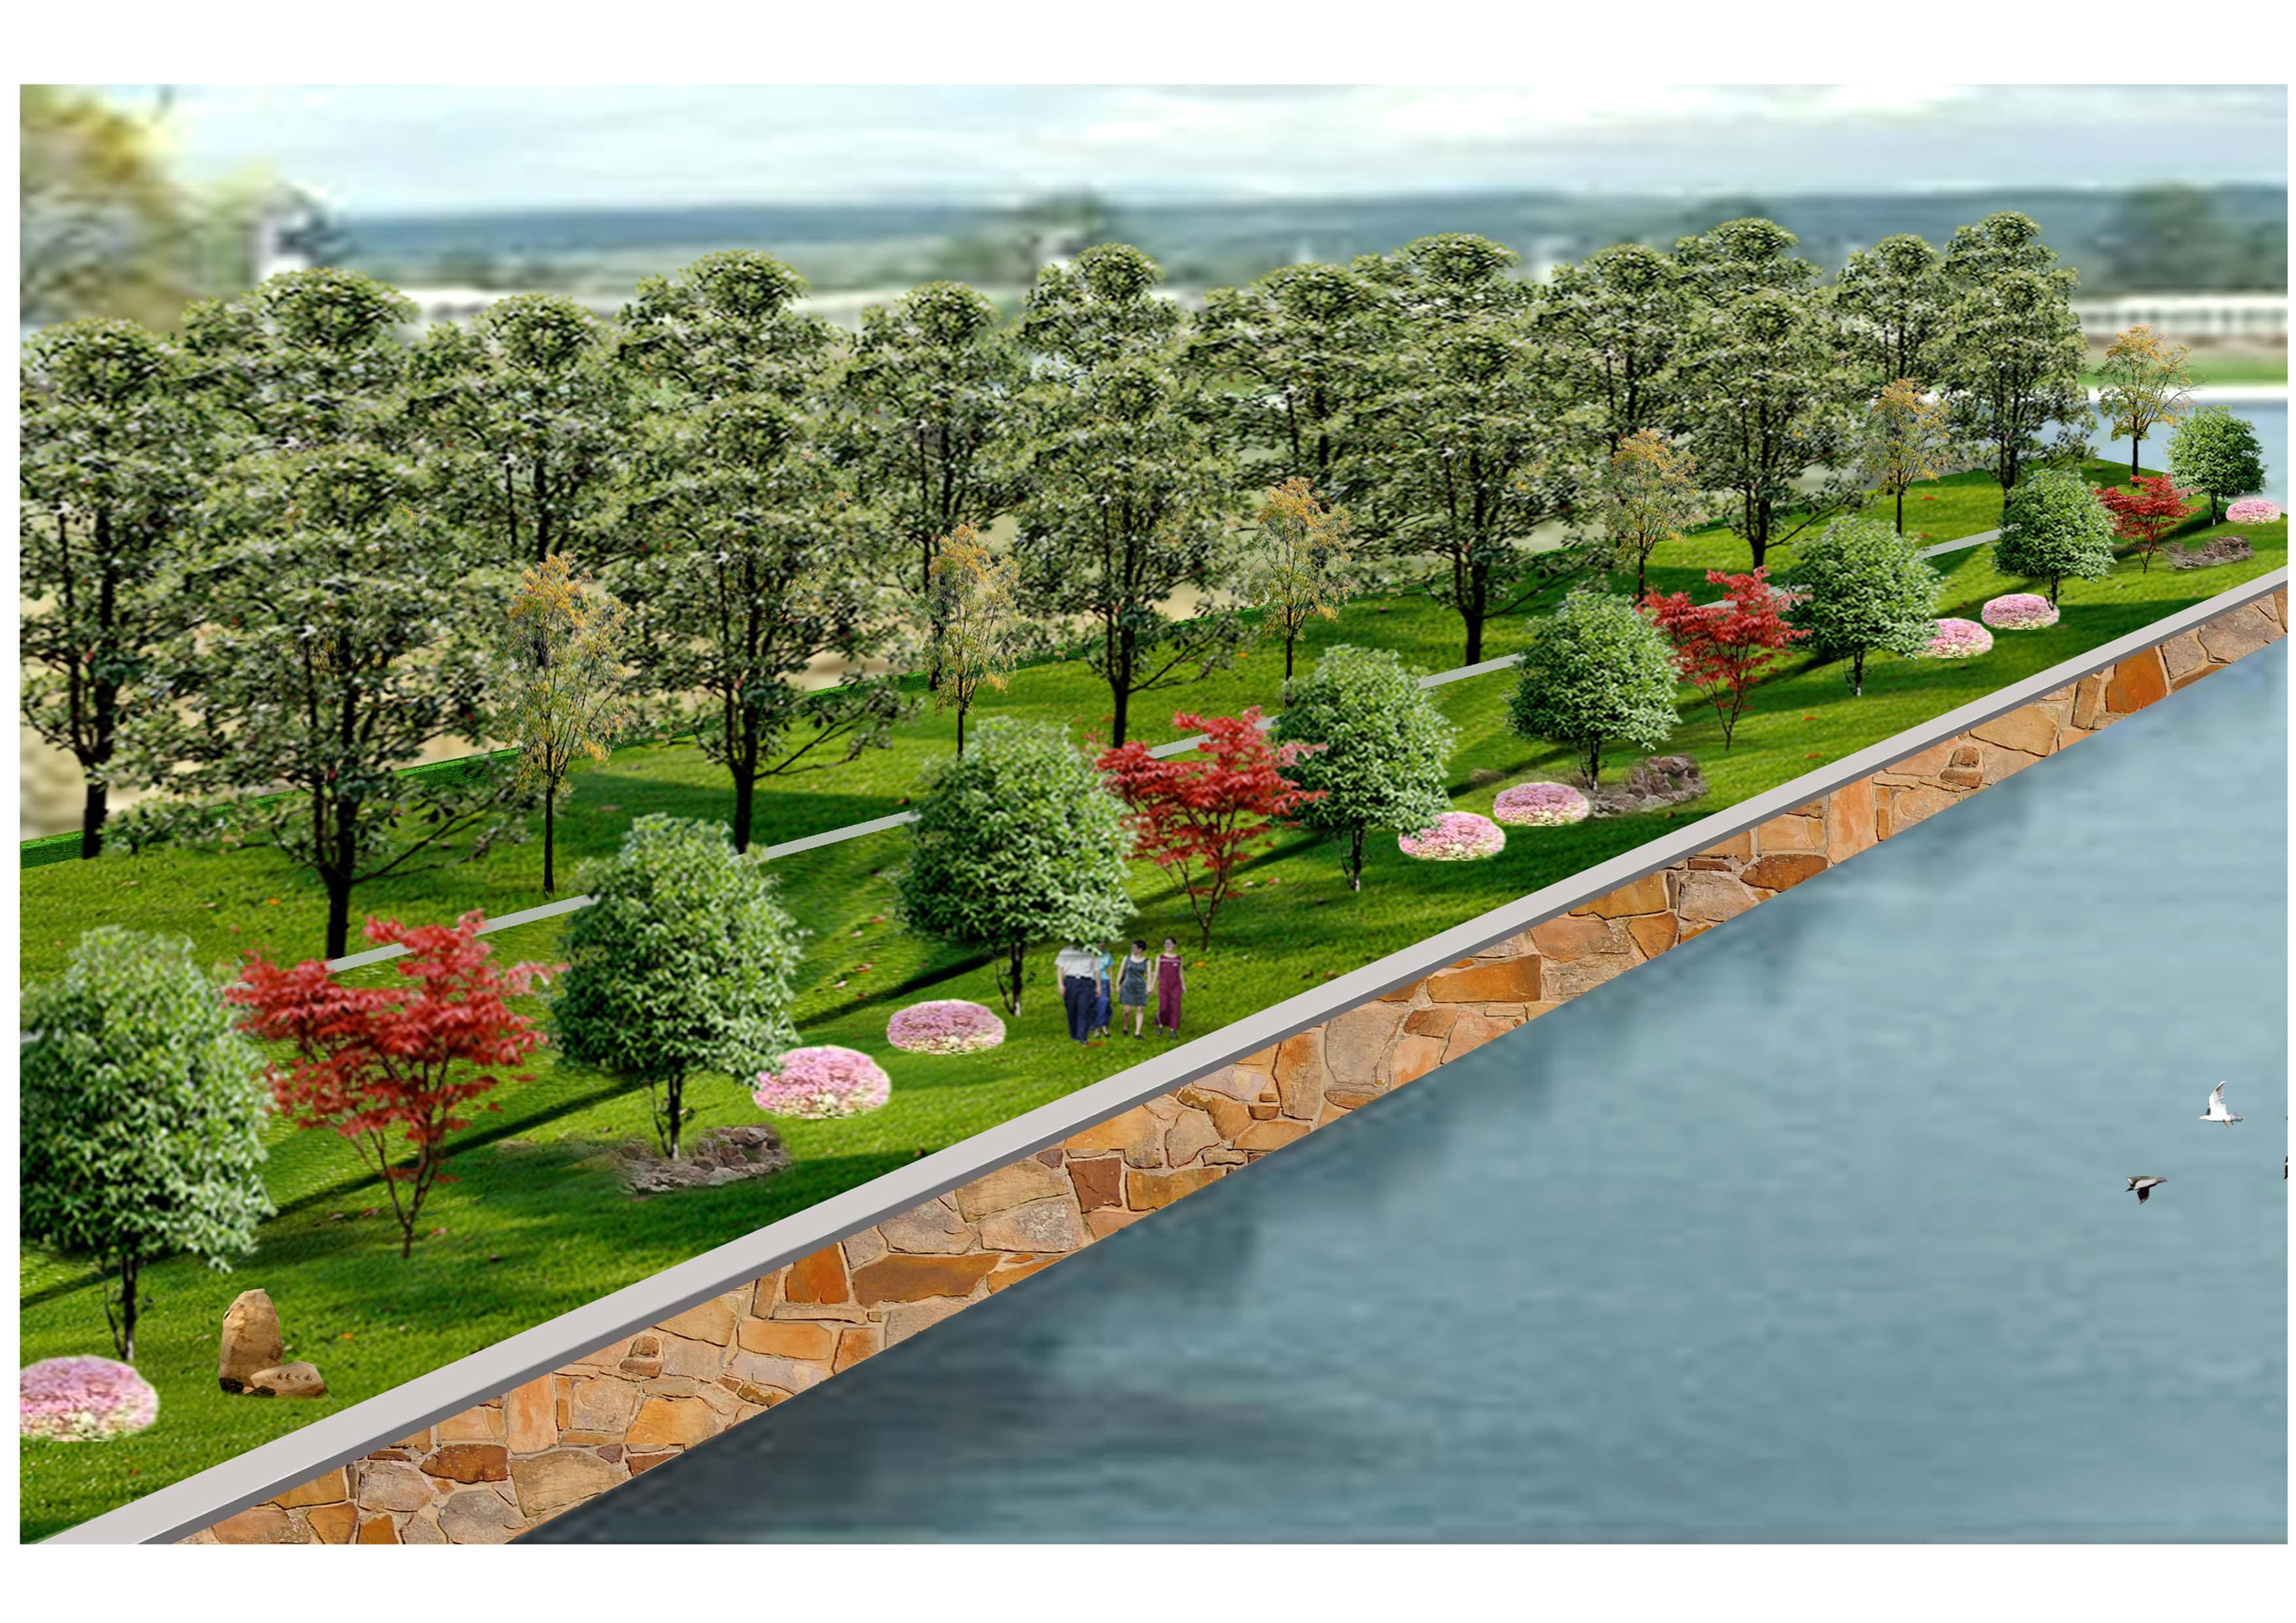 陈红卫室内景观建筑手绘效果图300张2 某景观小区规划设计含植物配置